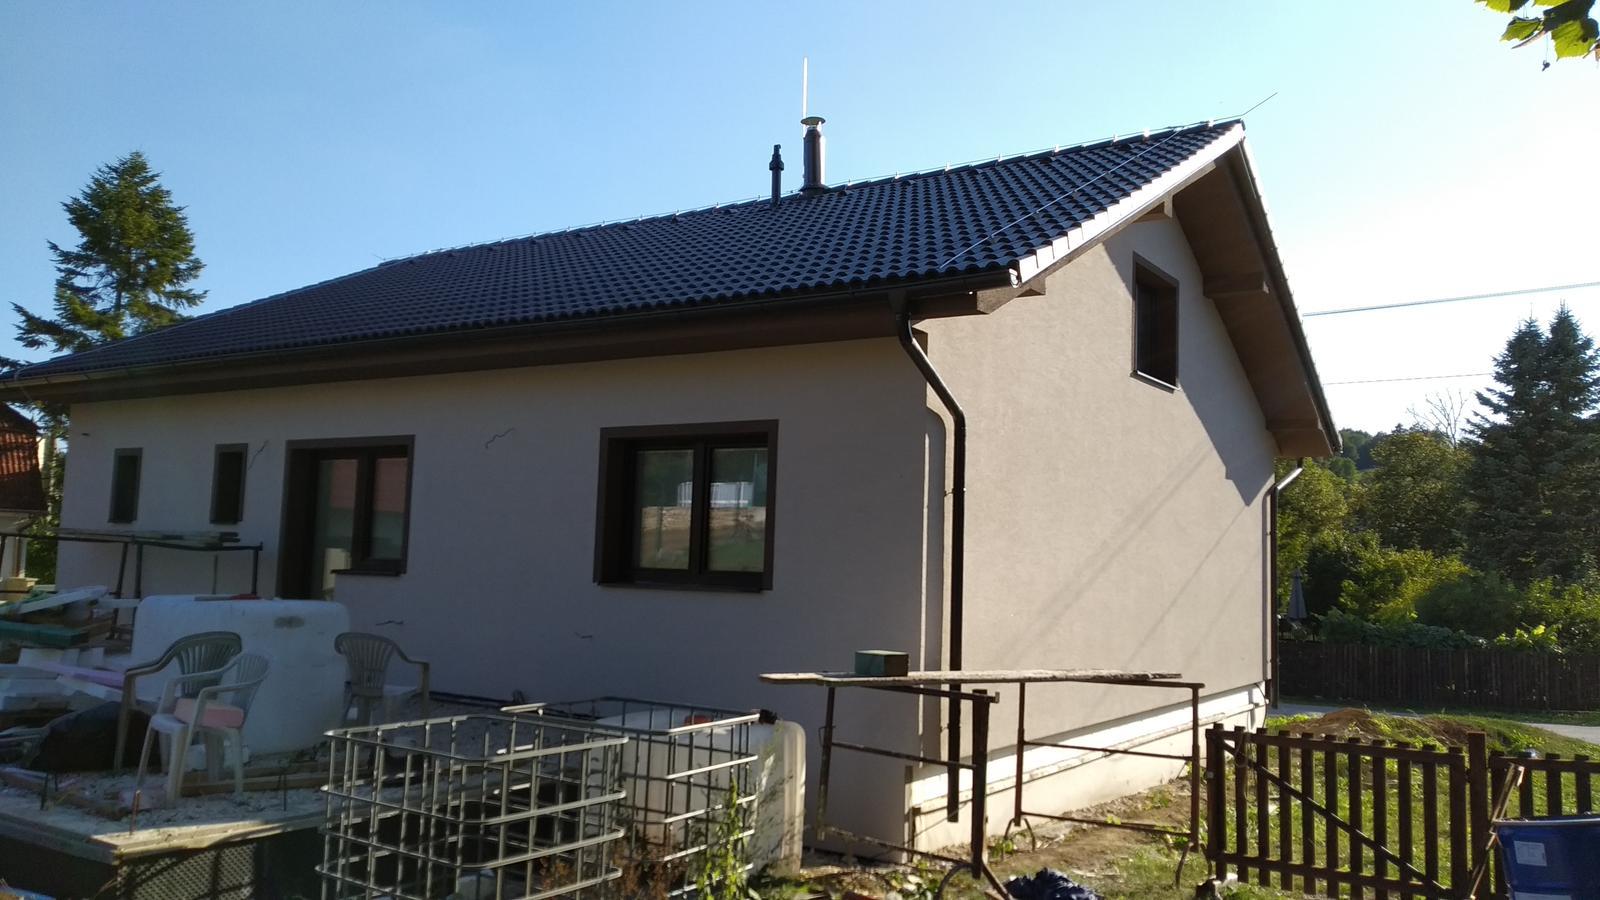 Rekonštrukcia veľmi starej stavby :) - Pohľad od terasy (ešte to chce upratať 😂).. Farba je naozaj krásna.